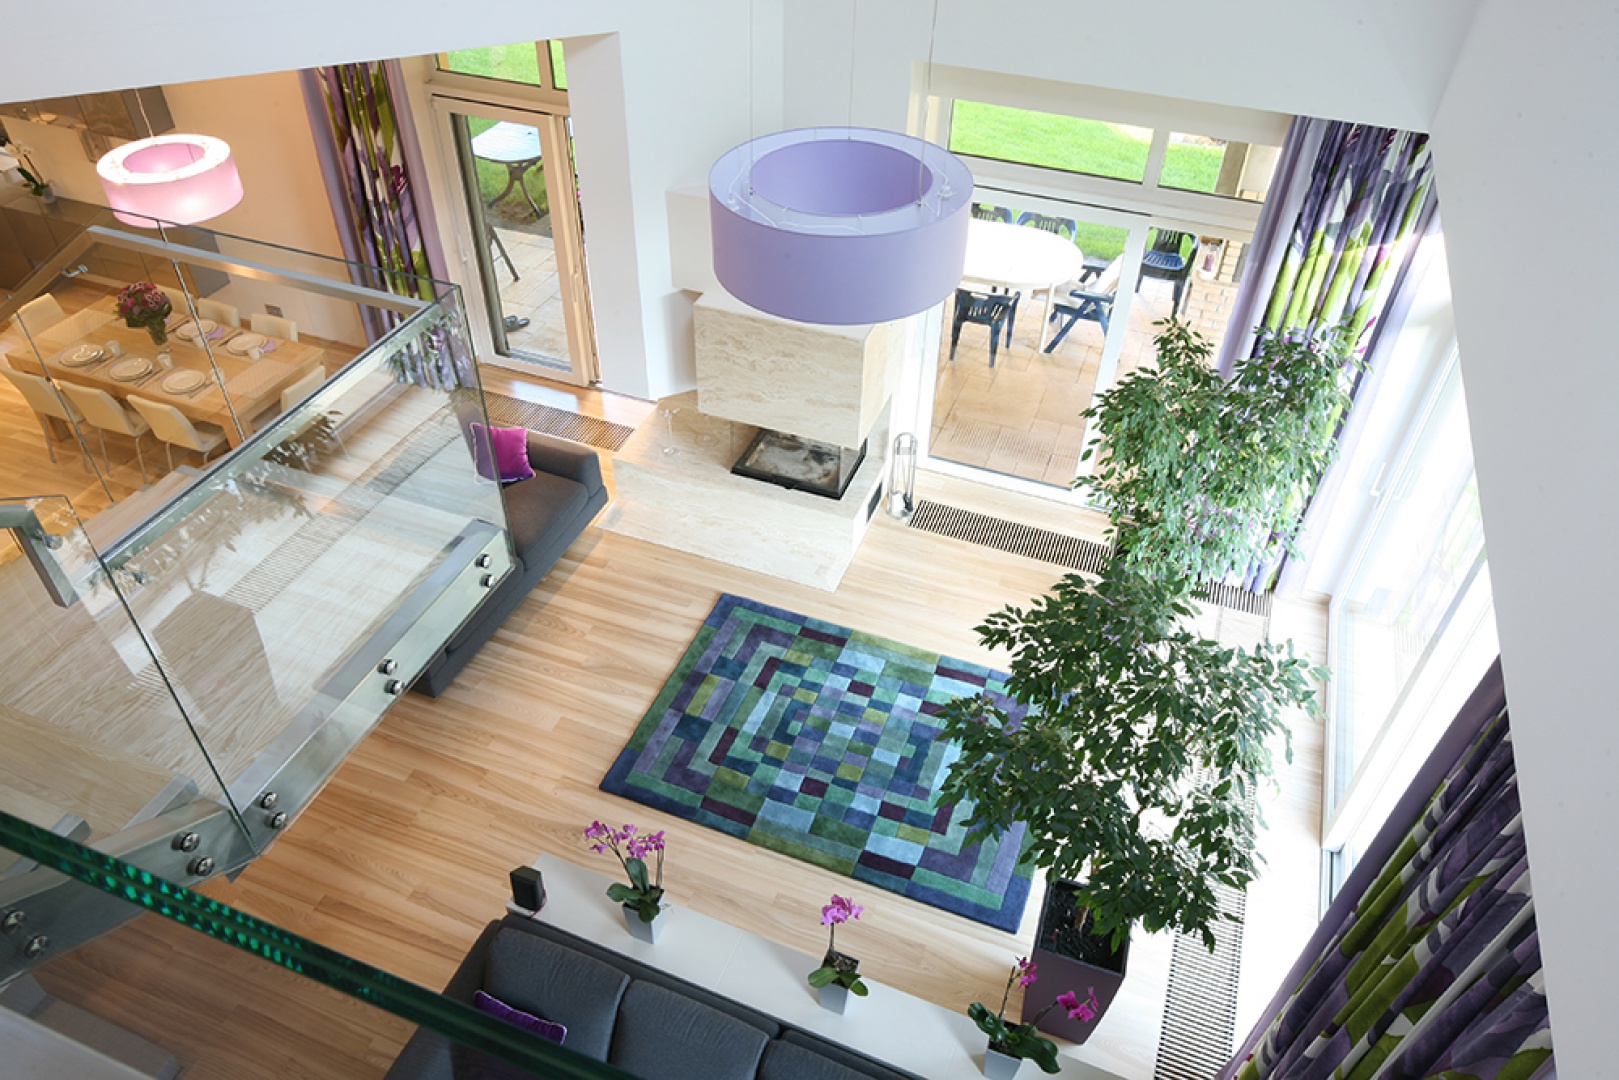 Salon ma ponad sześć metrów wysokości w najwyższym punkcie. Dzięki temu wnętrze zachwyca przestronnością, dając poczucie totalnej swobody. Fot. Bartosz Jarosz.